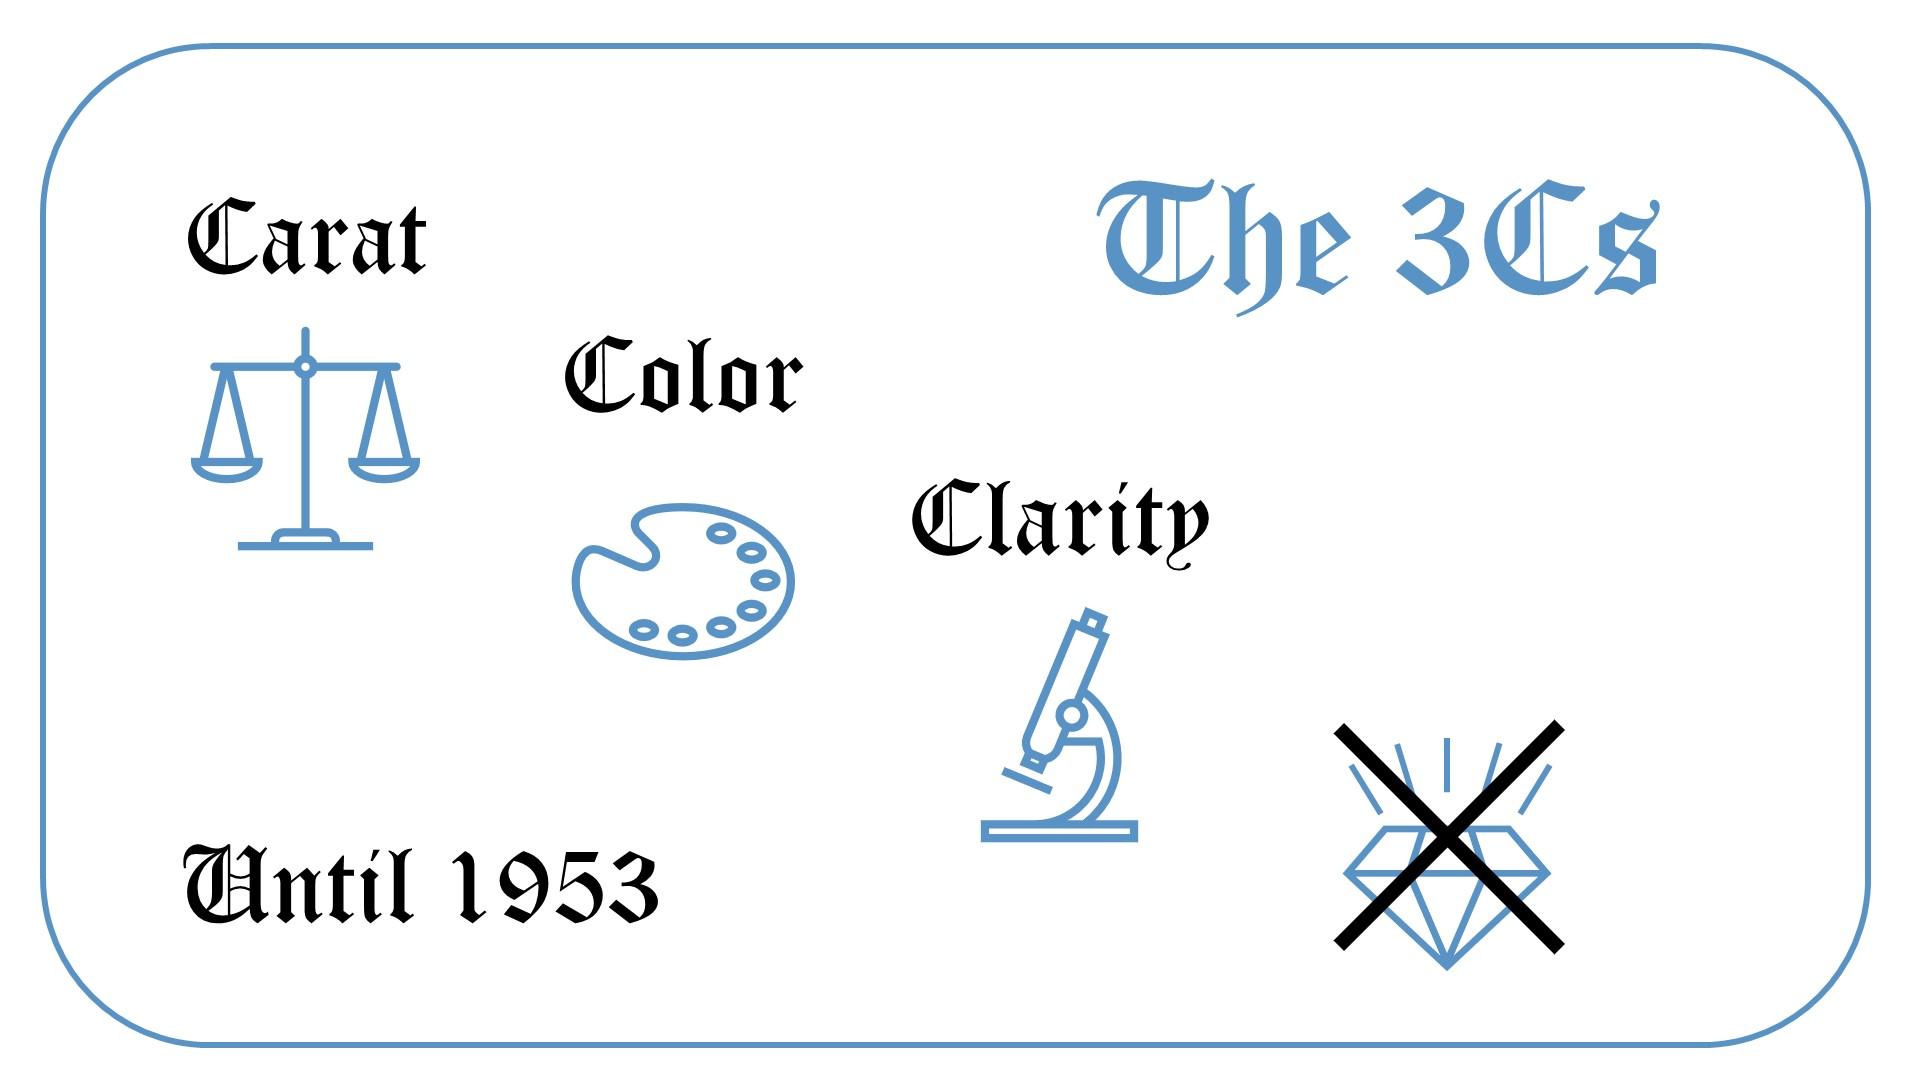 pricescope-education-diamond-3cs-carat-color-clarity